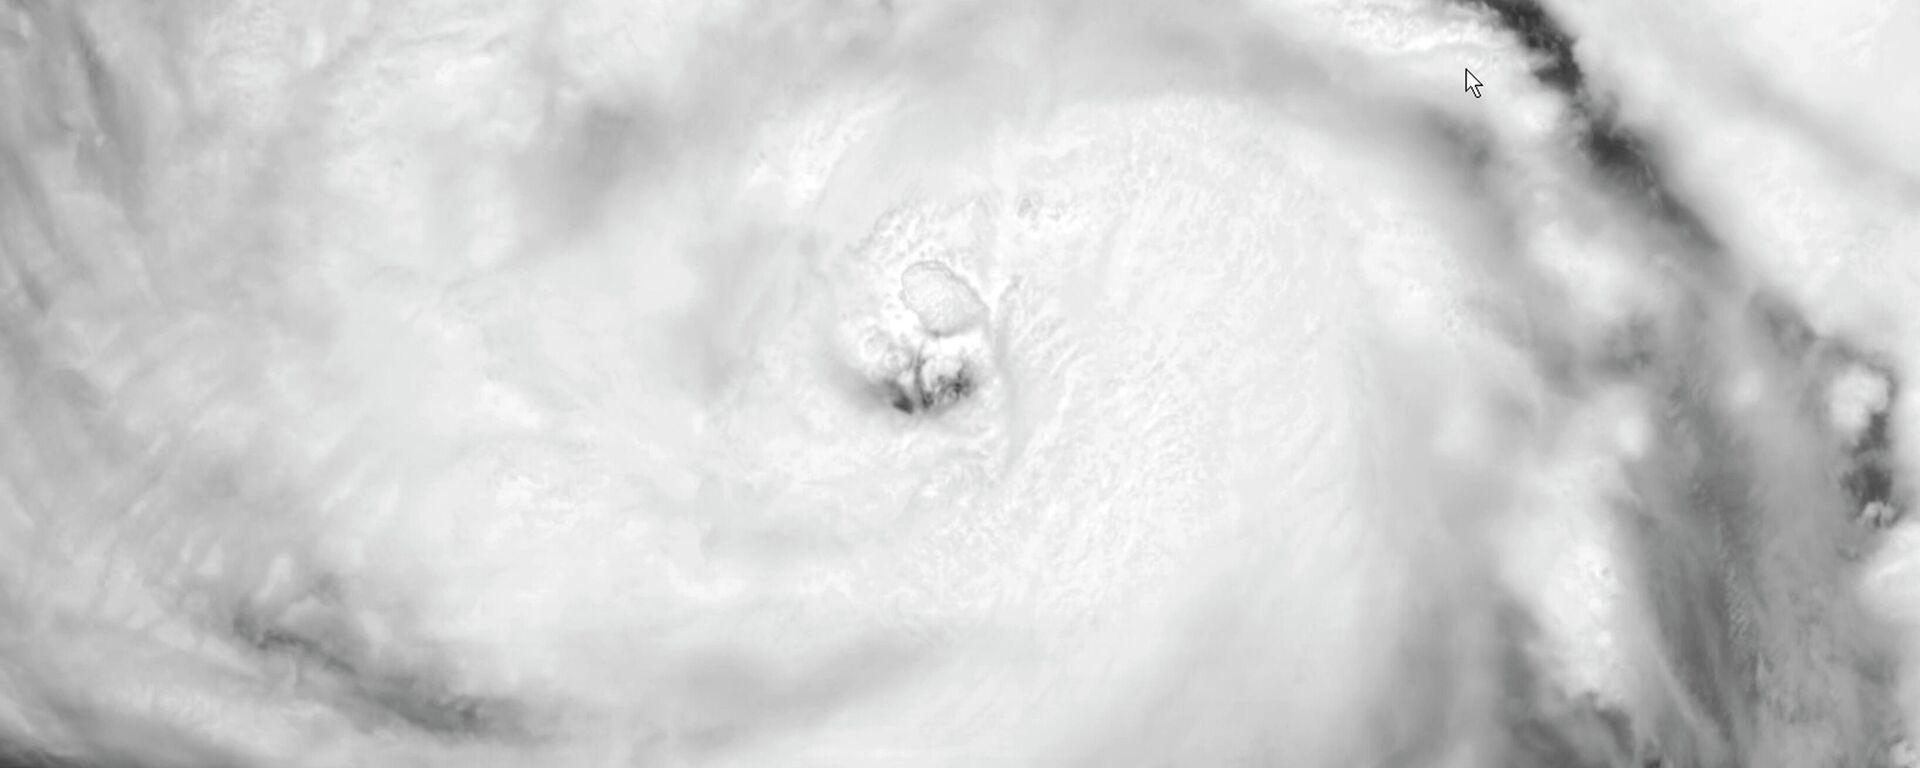 Ураган Ида - Sputnik Србија, 1920, 29.08.2021